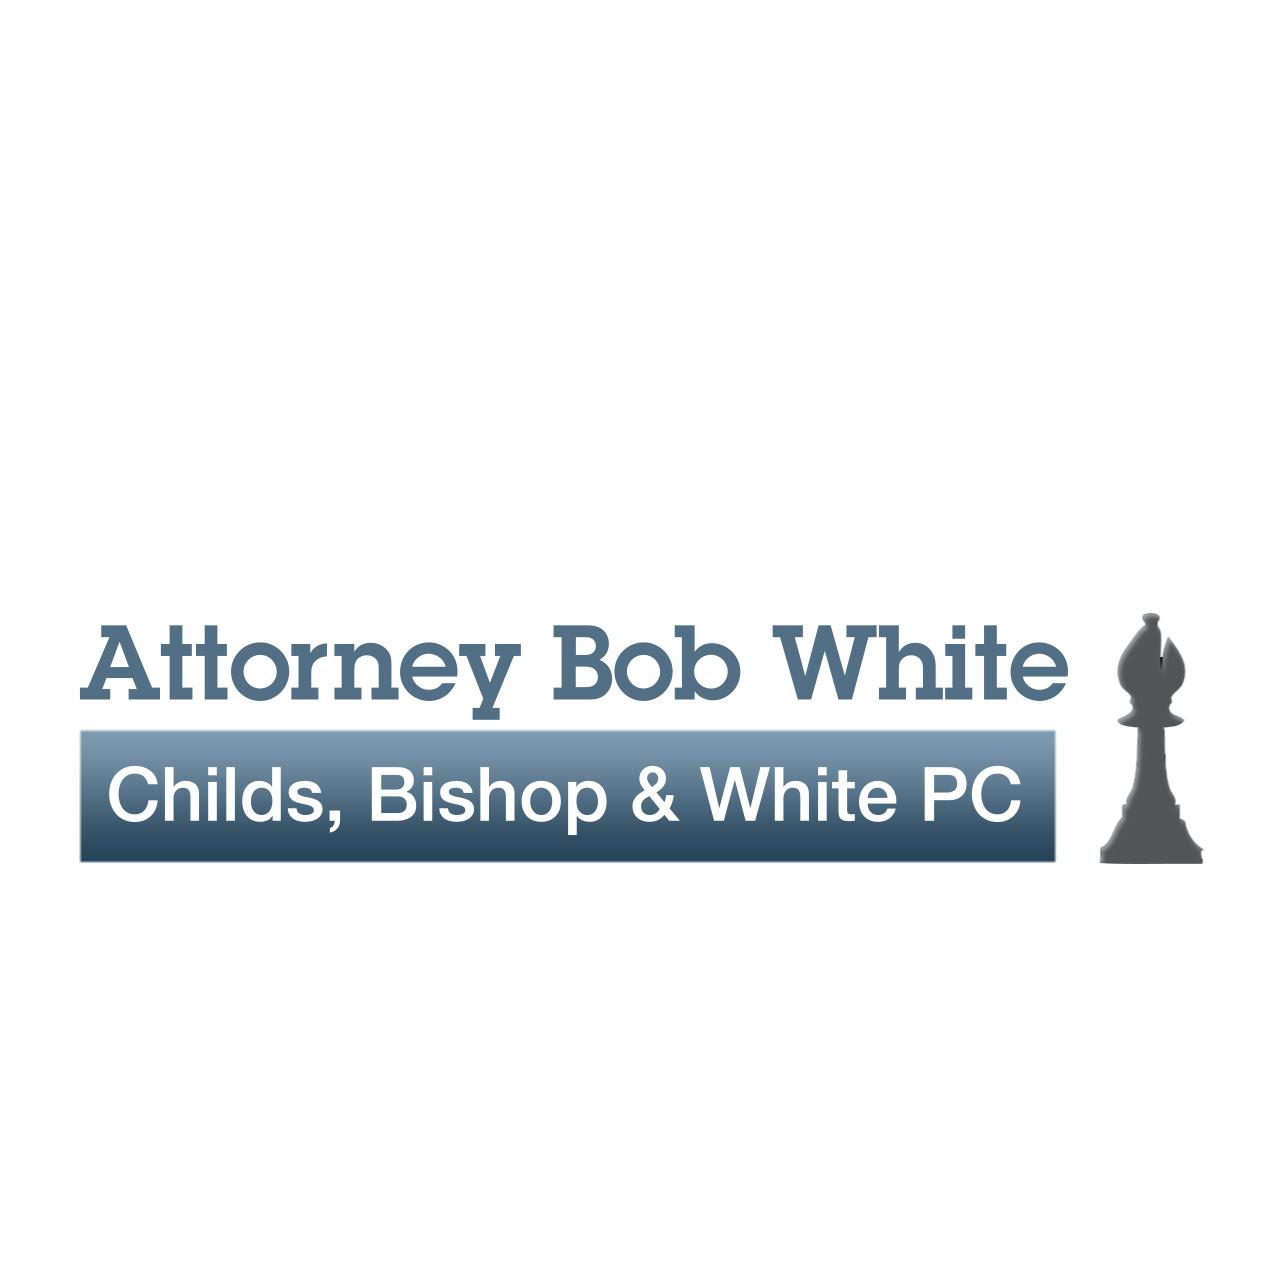 Childs, Bishop & White PC